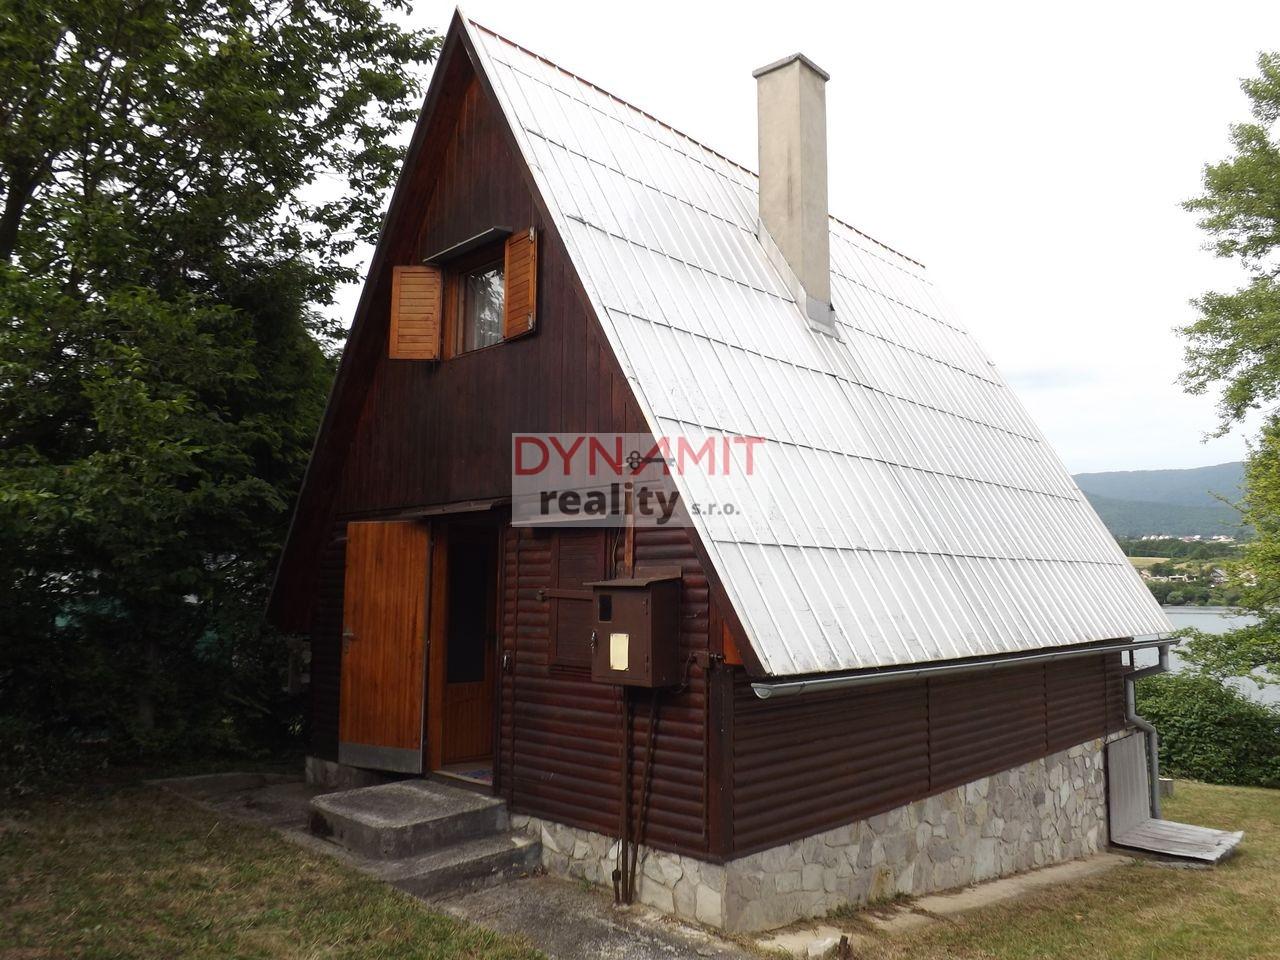 Predaj rekreačná chata 234 m2 Nitrianske Rudno